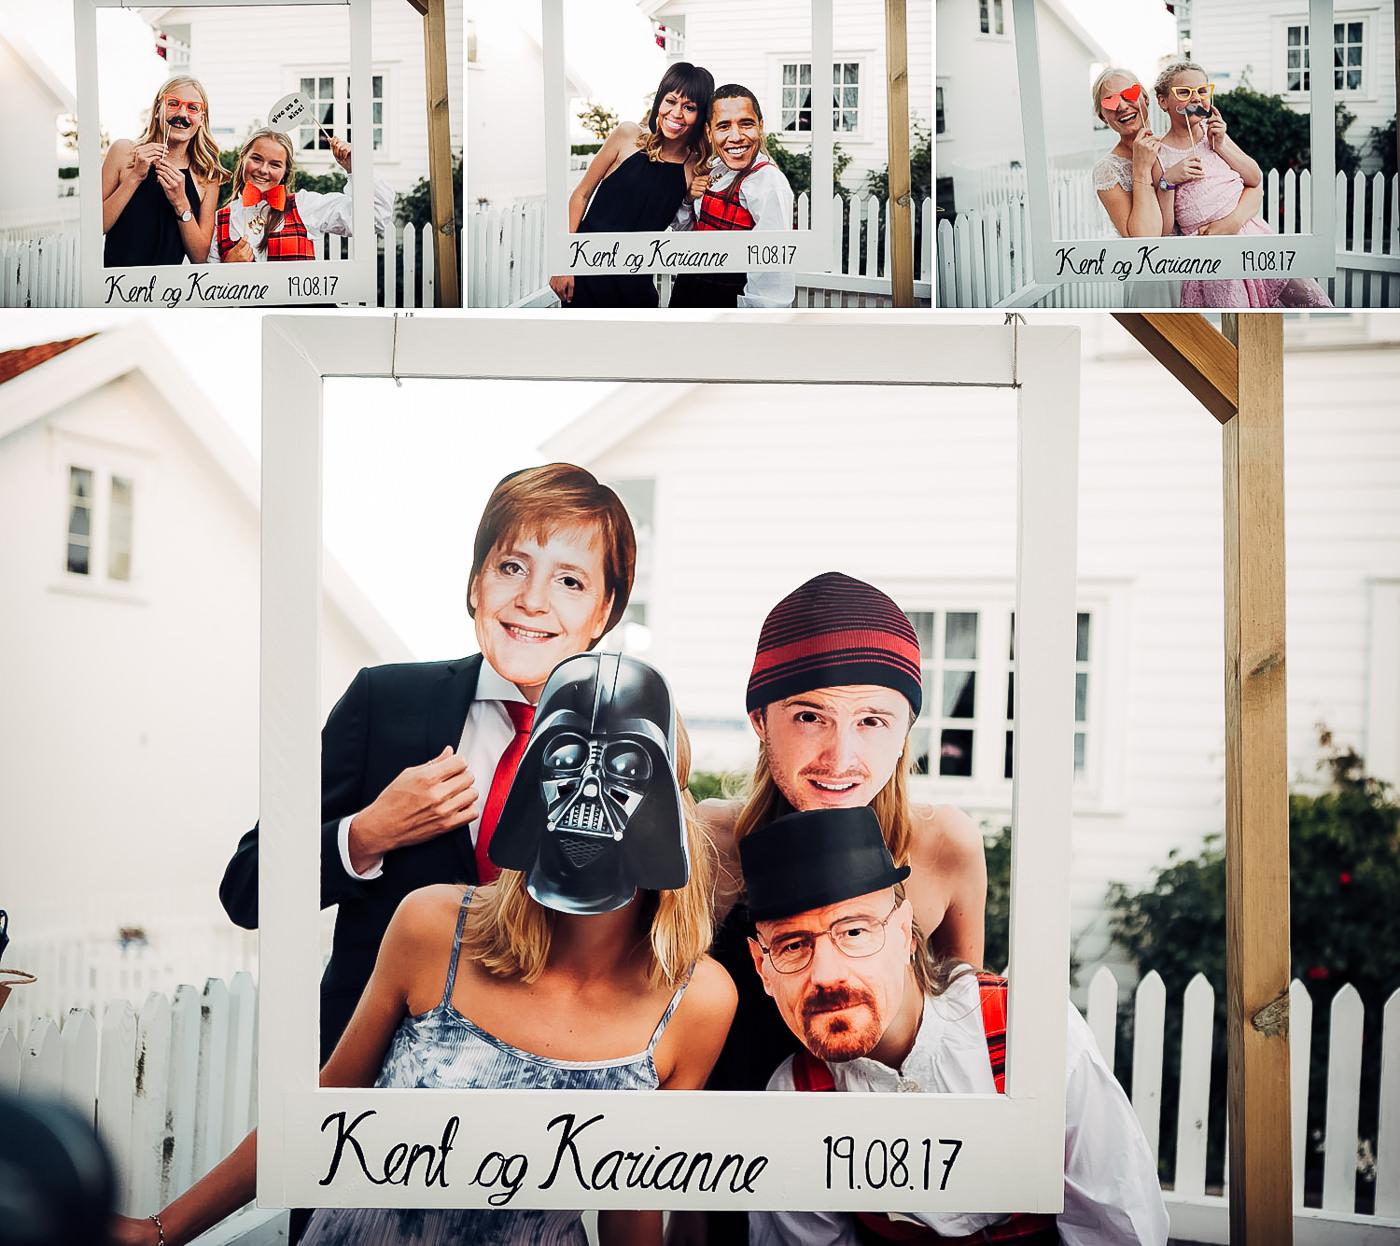 Karianne & Kent - sommerlig heldagsfotografering i Stavern Sommerbryllup Stavern Vestfold 9 Brudepar